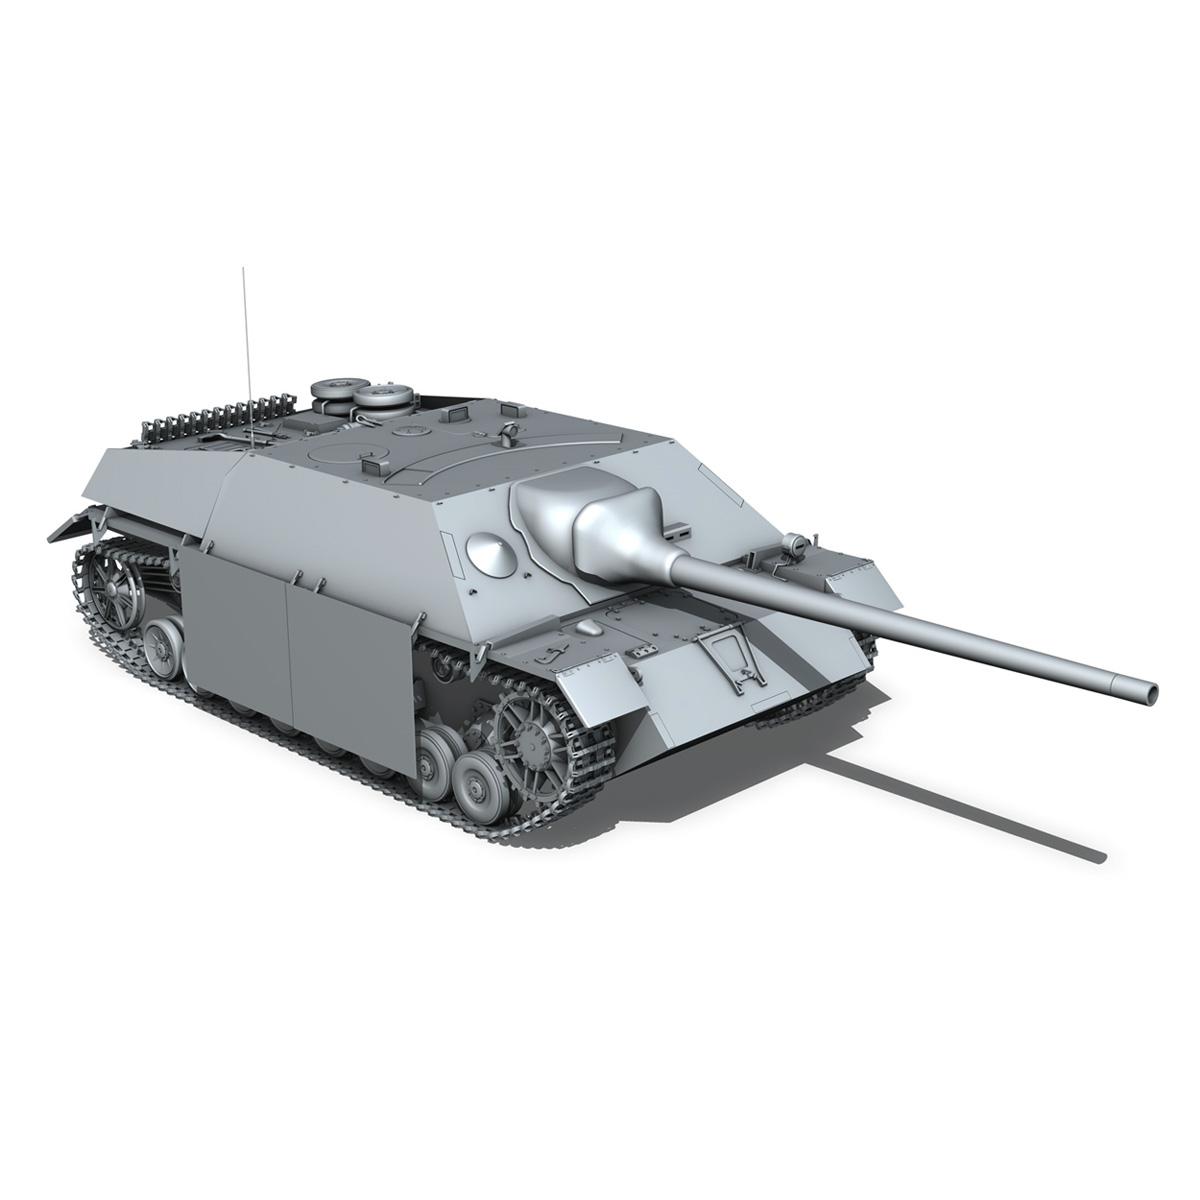 jagdpanzer iv l/70 (v) late production 3d model 3ds fbx c4d lwo obj 202024